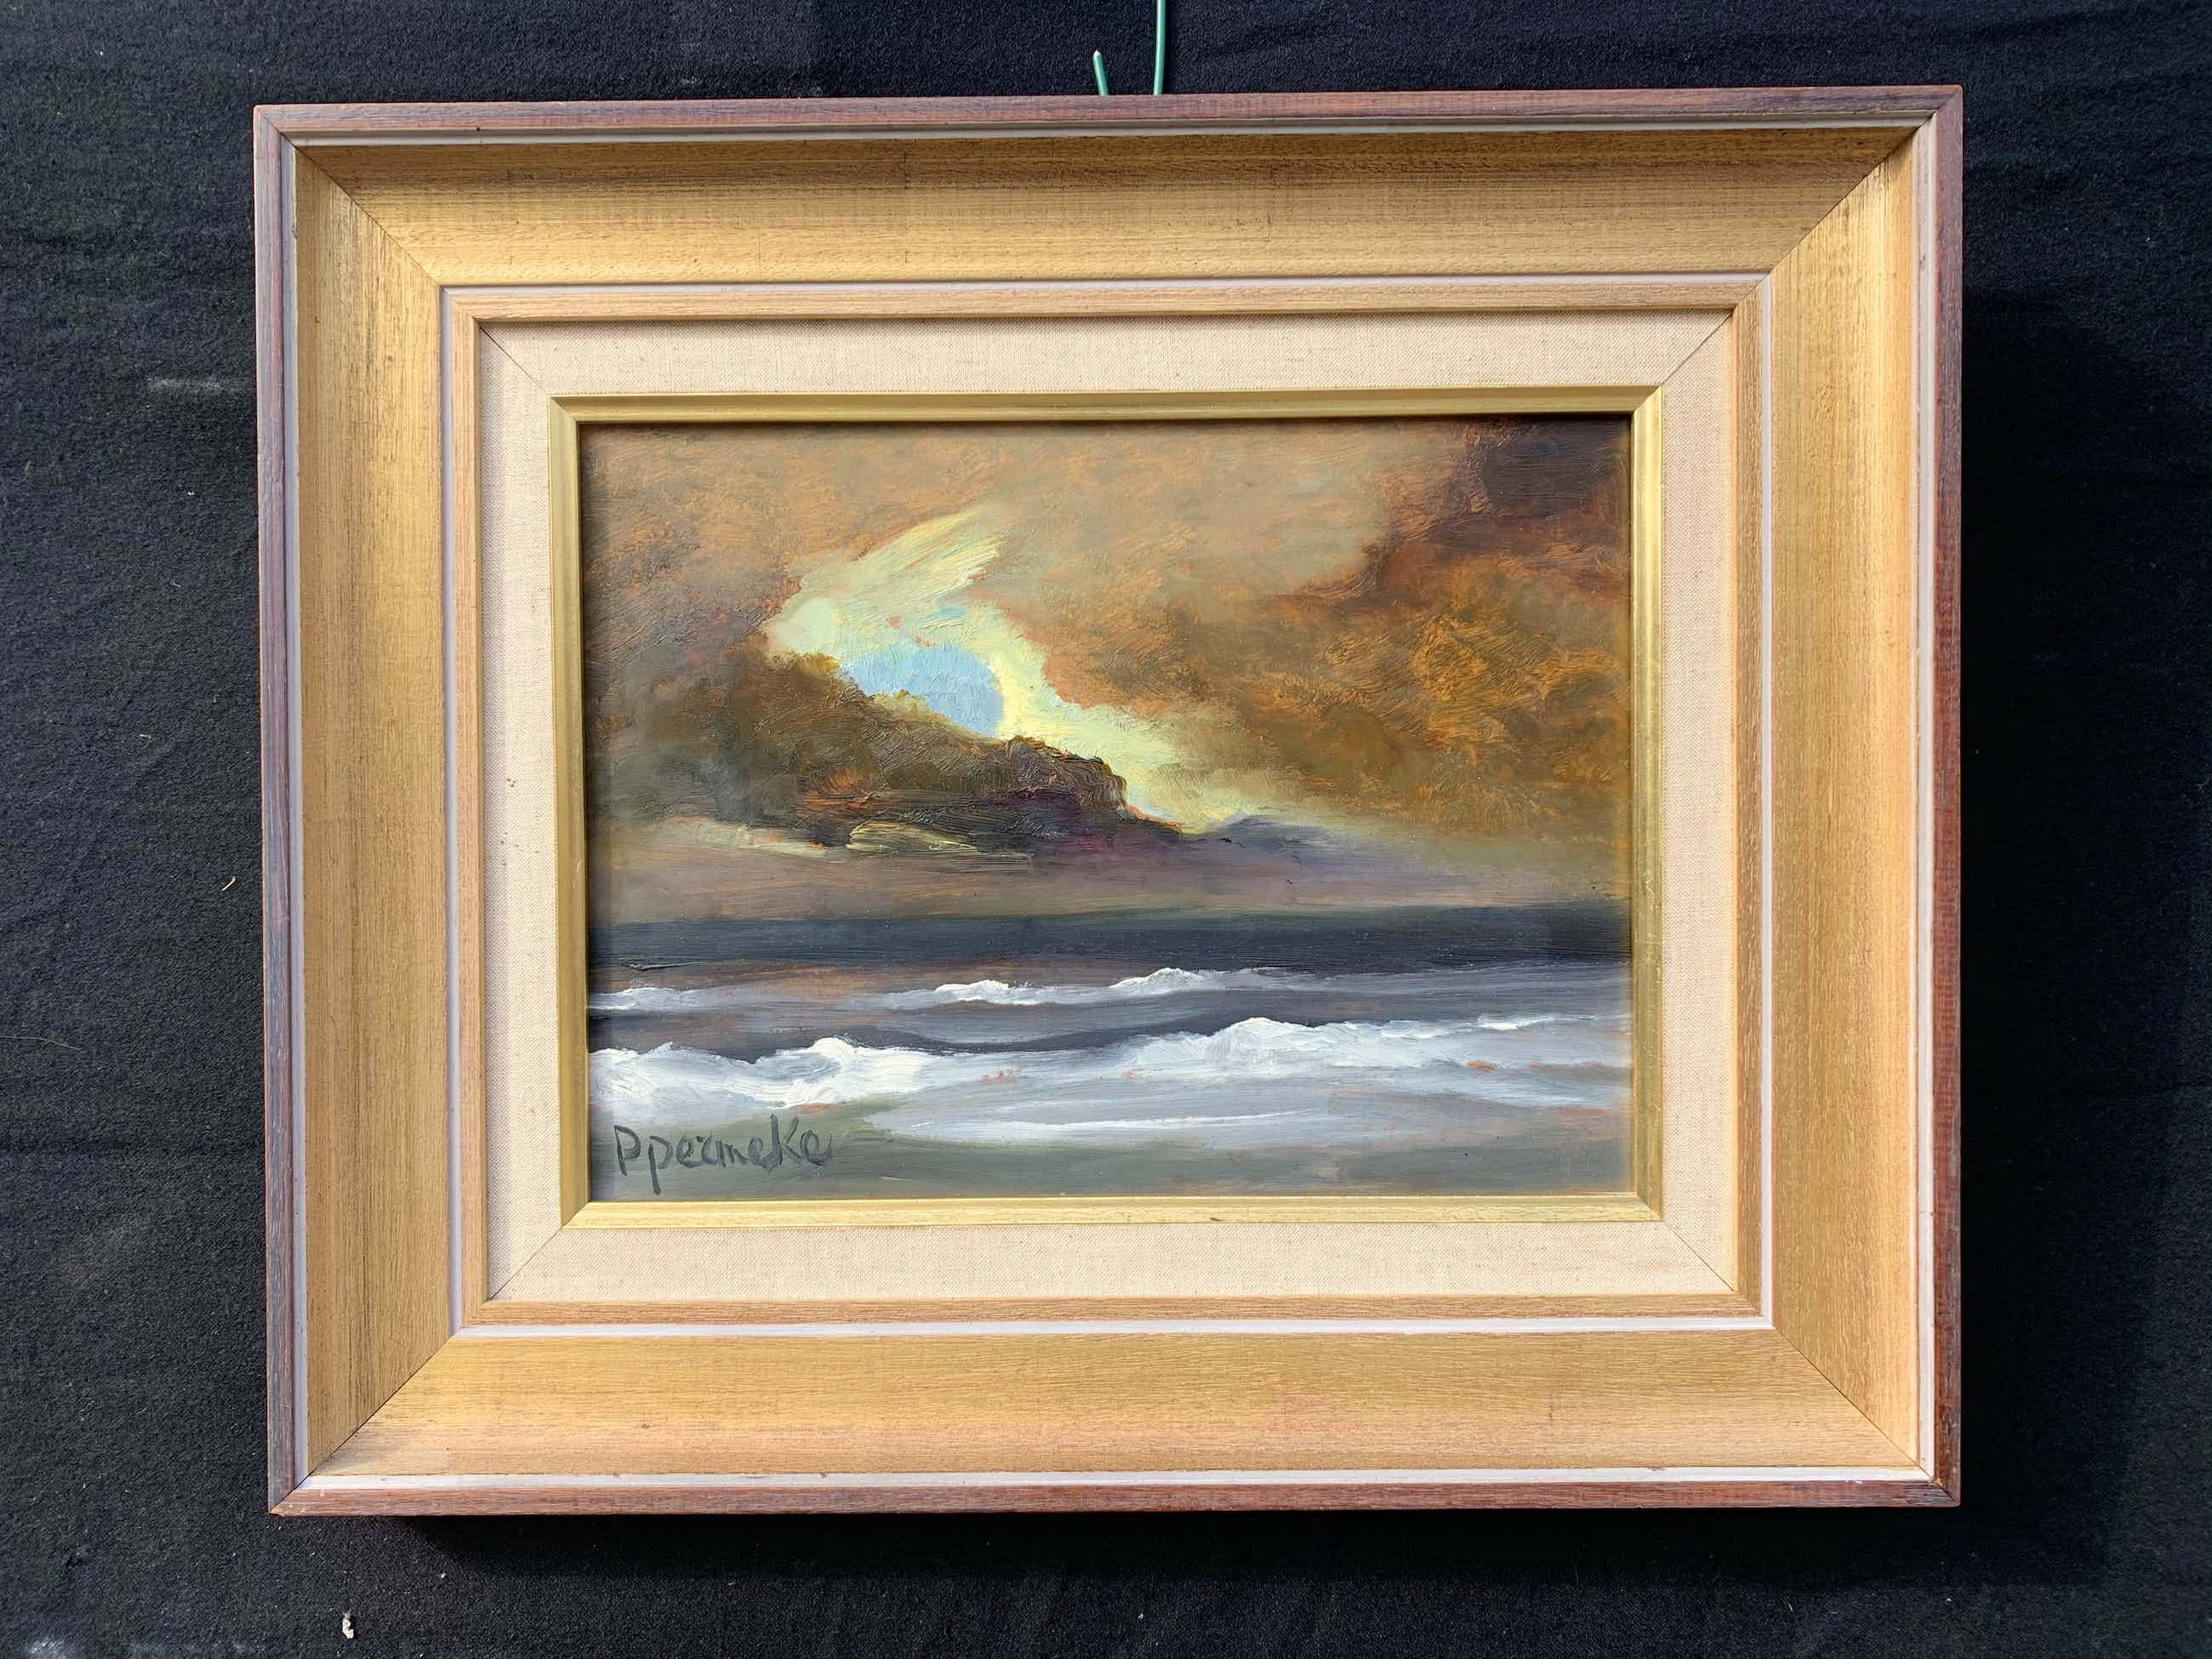 Paul Permeke - Olieverf schilderij: onweer over zee kopen? Bied vanaf 250!